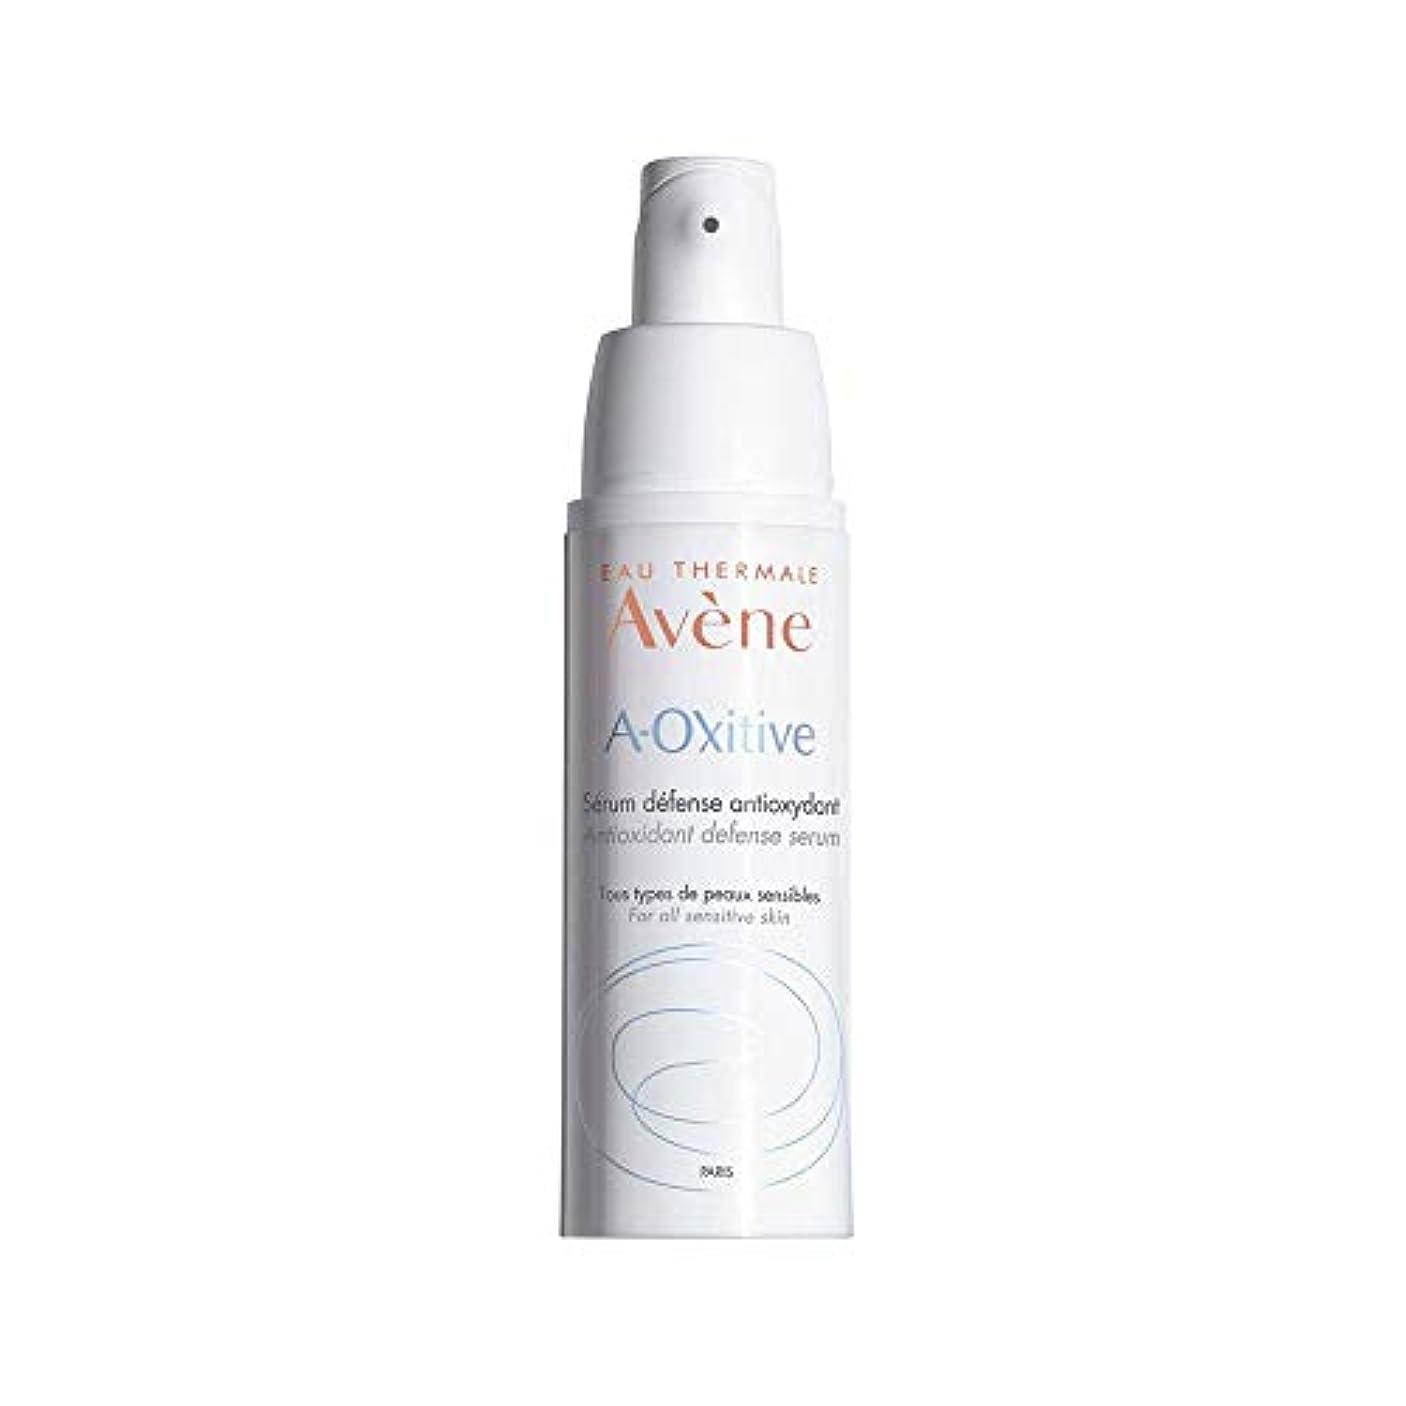 過激派佐賀優しさアベンヌ A-OXitive Antioxidant Defense Serum - For All Sensitive Skin 30ml/1oz並行輸入品